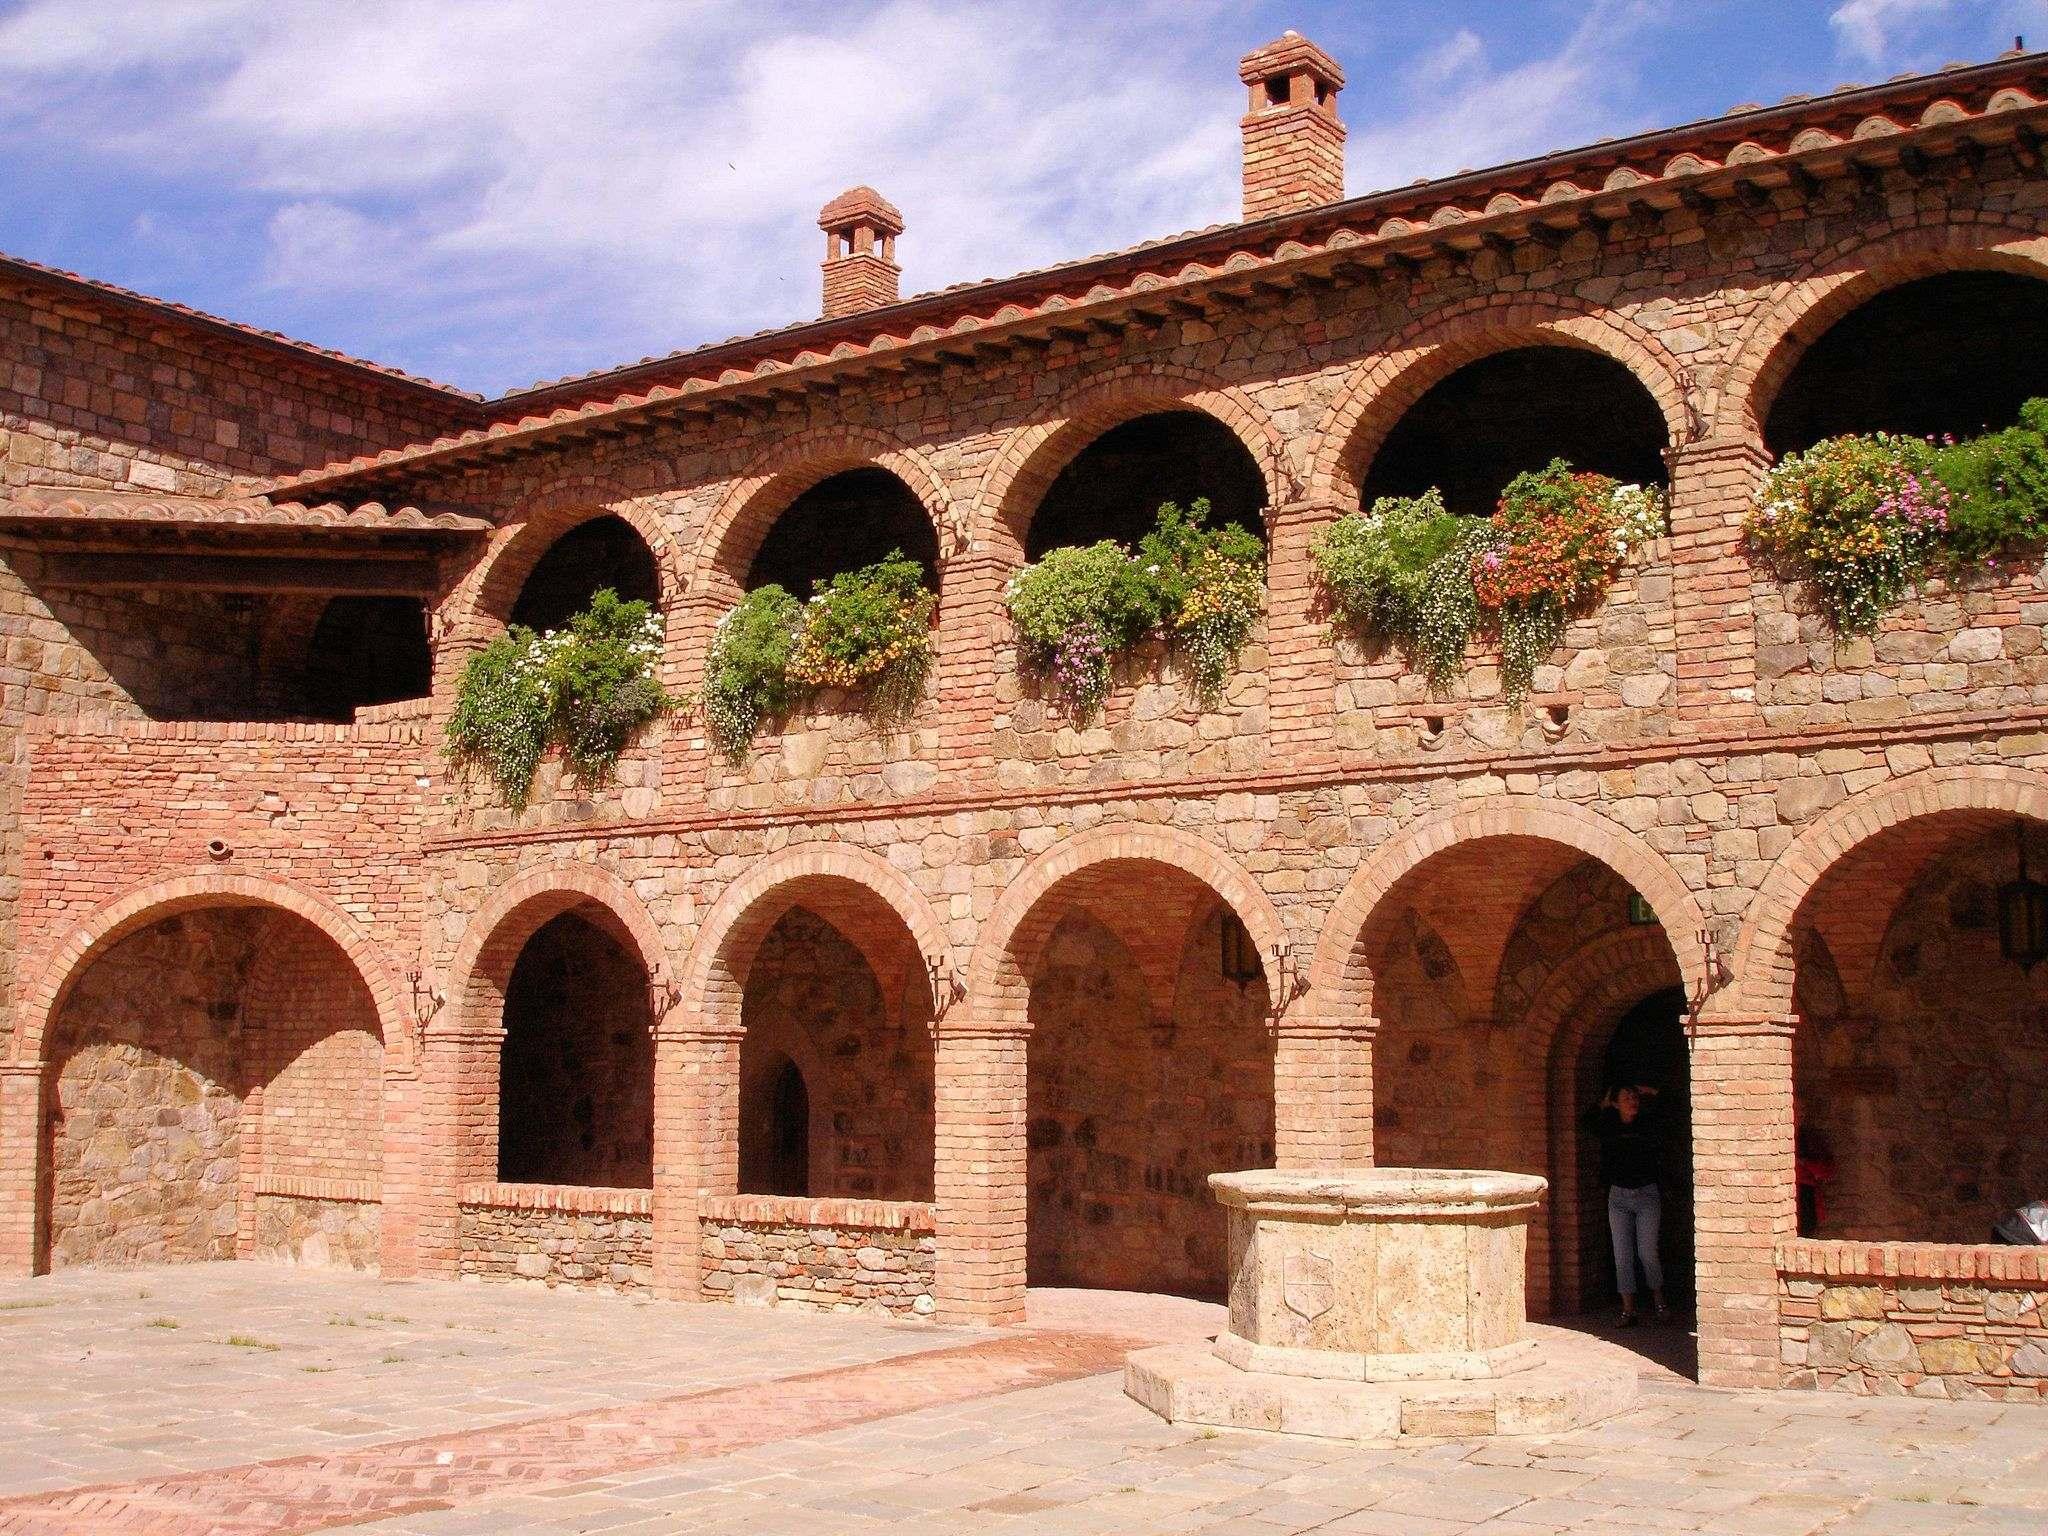 castello di amorosa8 Castello di Amorosa Winery in Napa Valley, California